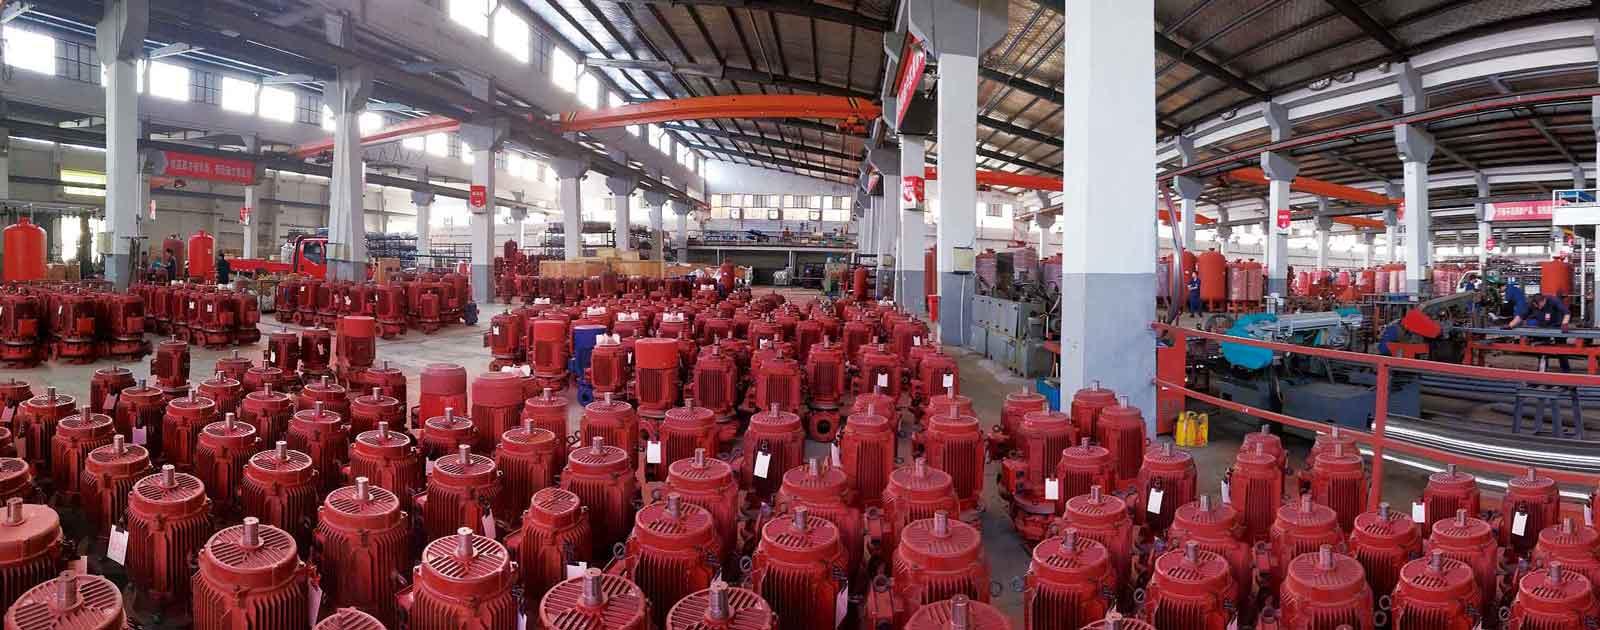 无锡正规消防泵性价比高企业,消防泵